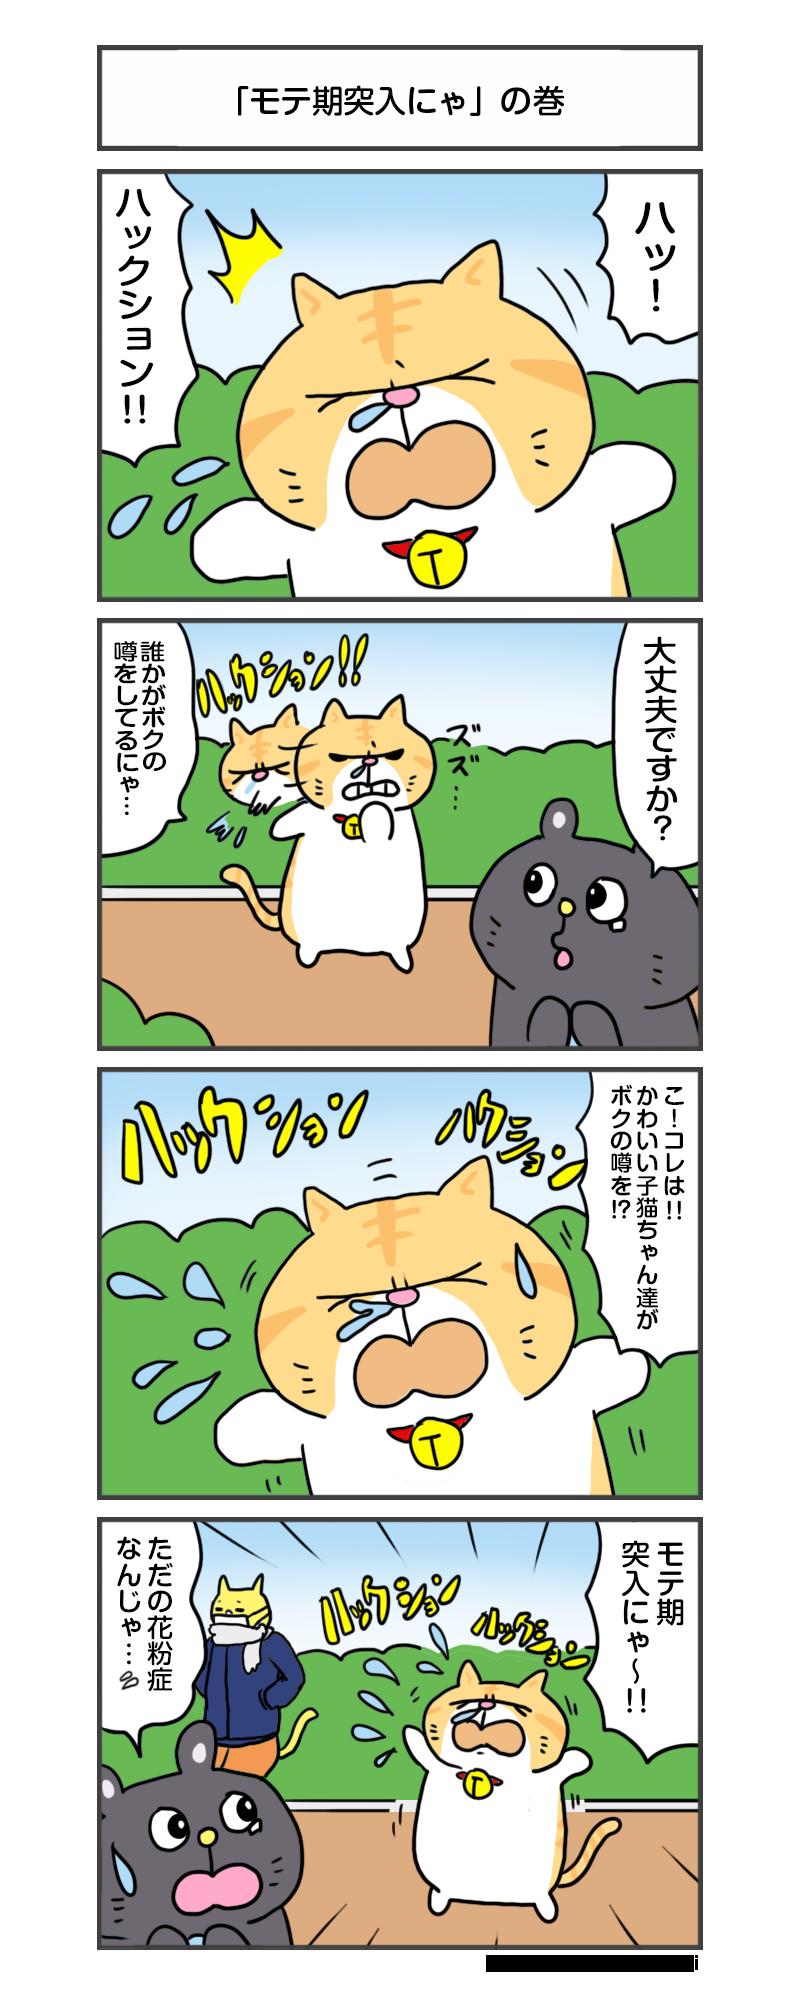 えきぞうmanga_vol.292